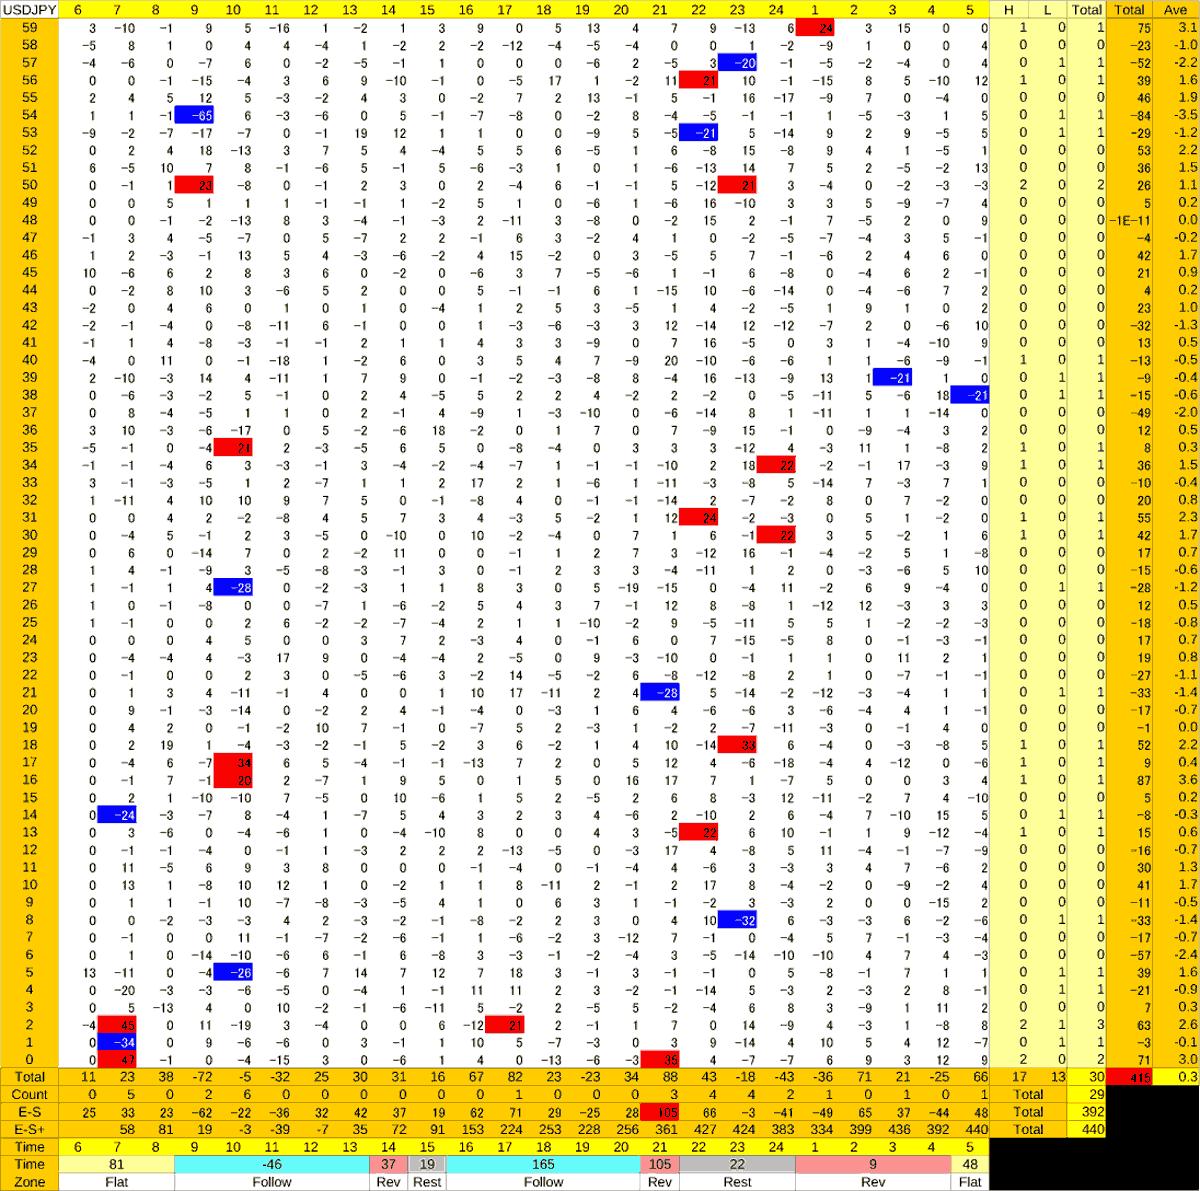 20200713_HS(1)USDJPY